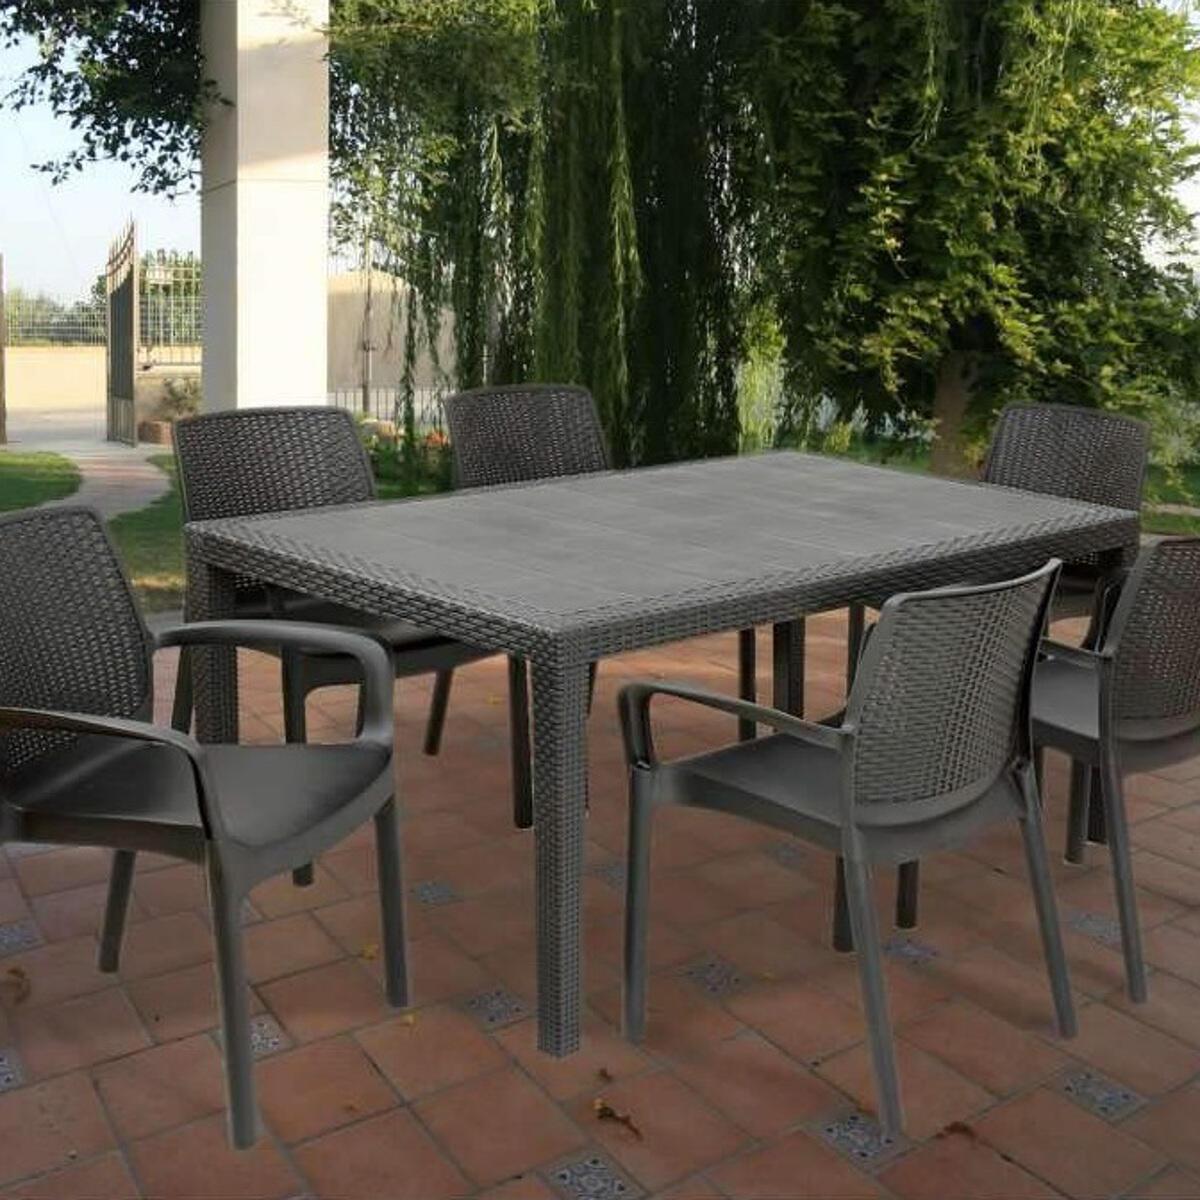 Tavolo da giardino rettangolare Prince con piano in resina L 90 x P 150 cm - 2